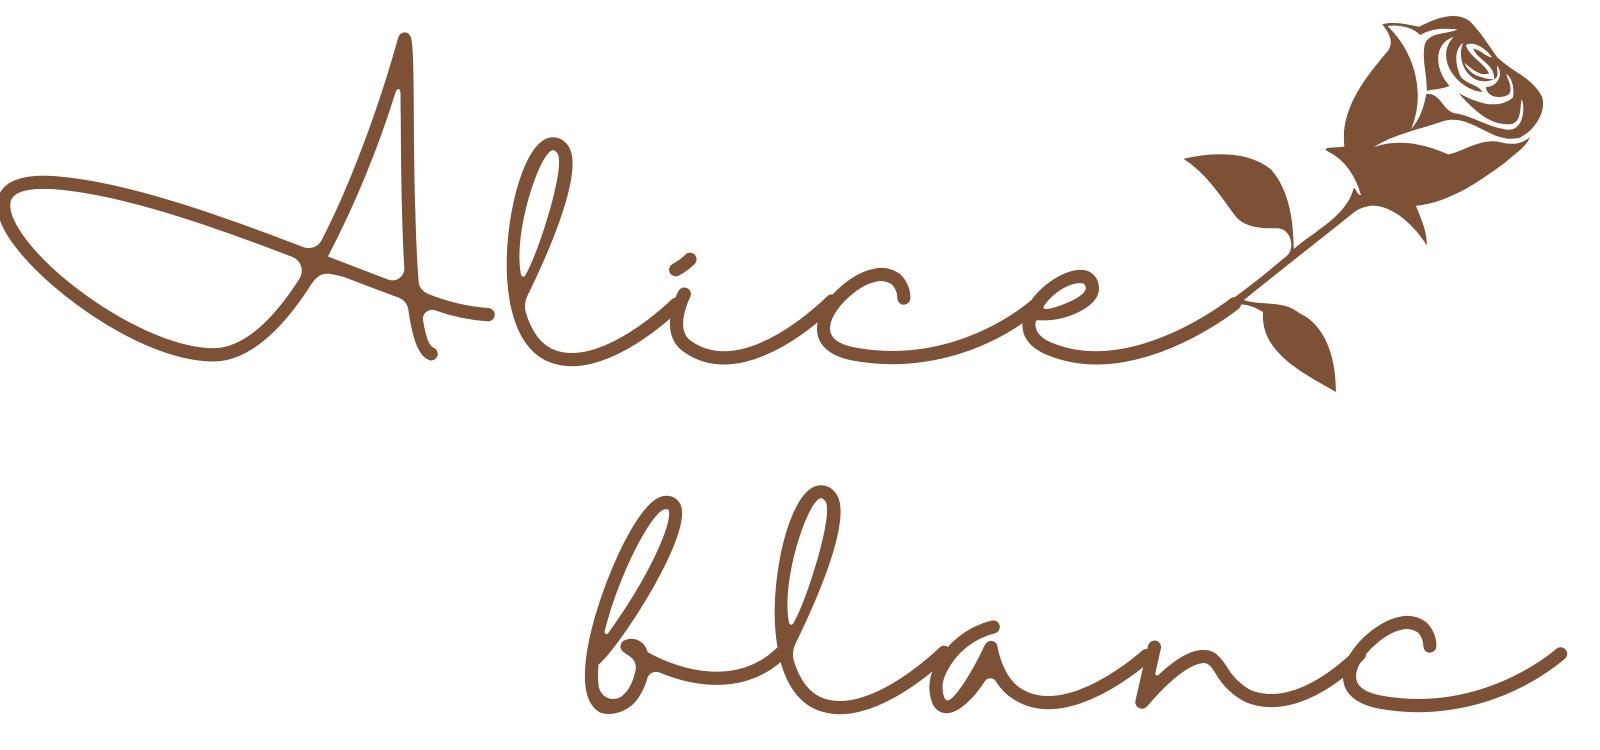 AliceBlanc | アリスブラン